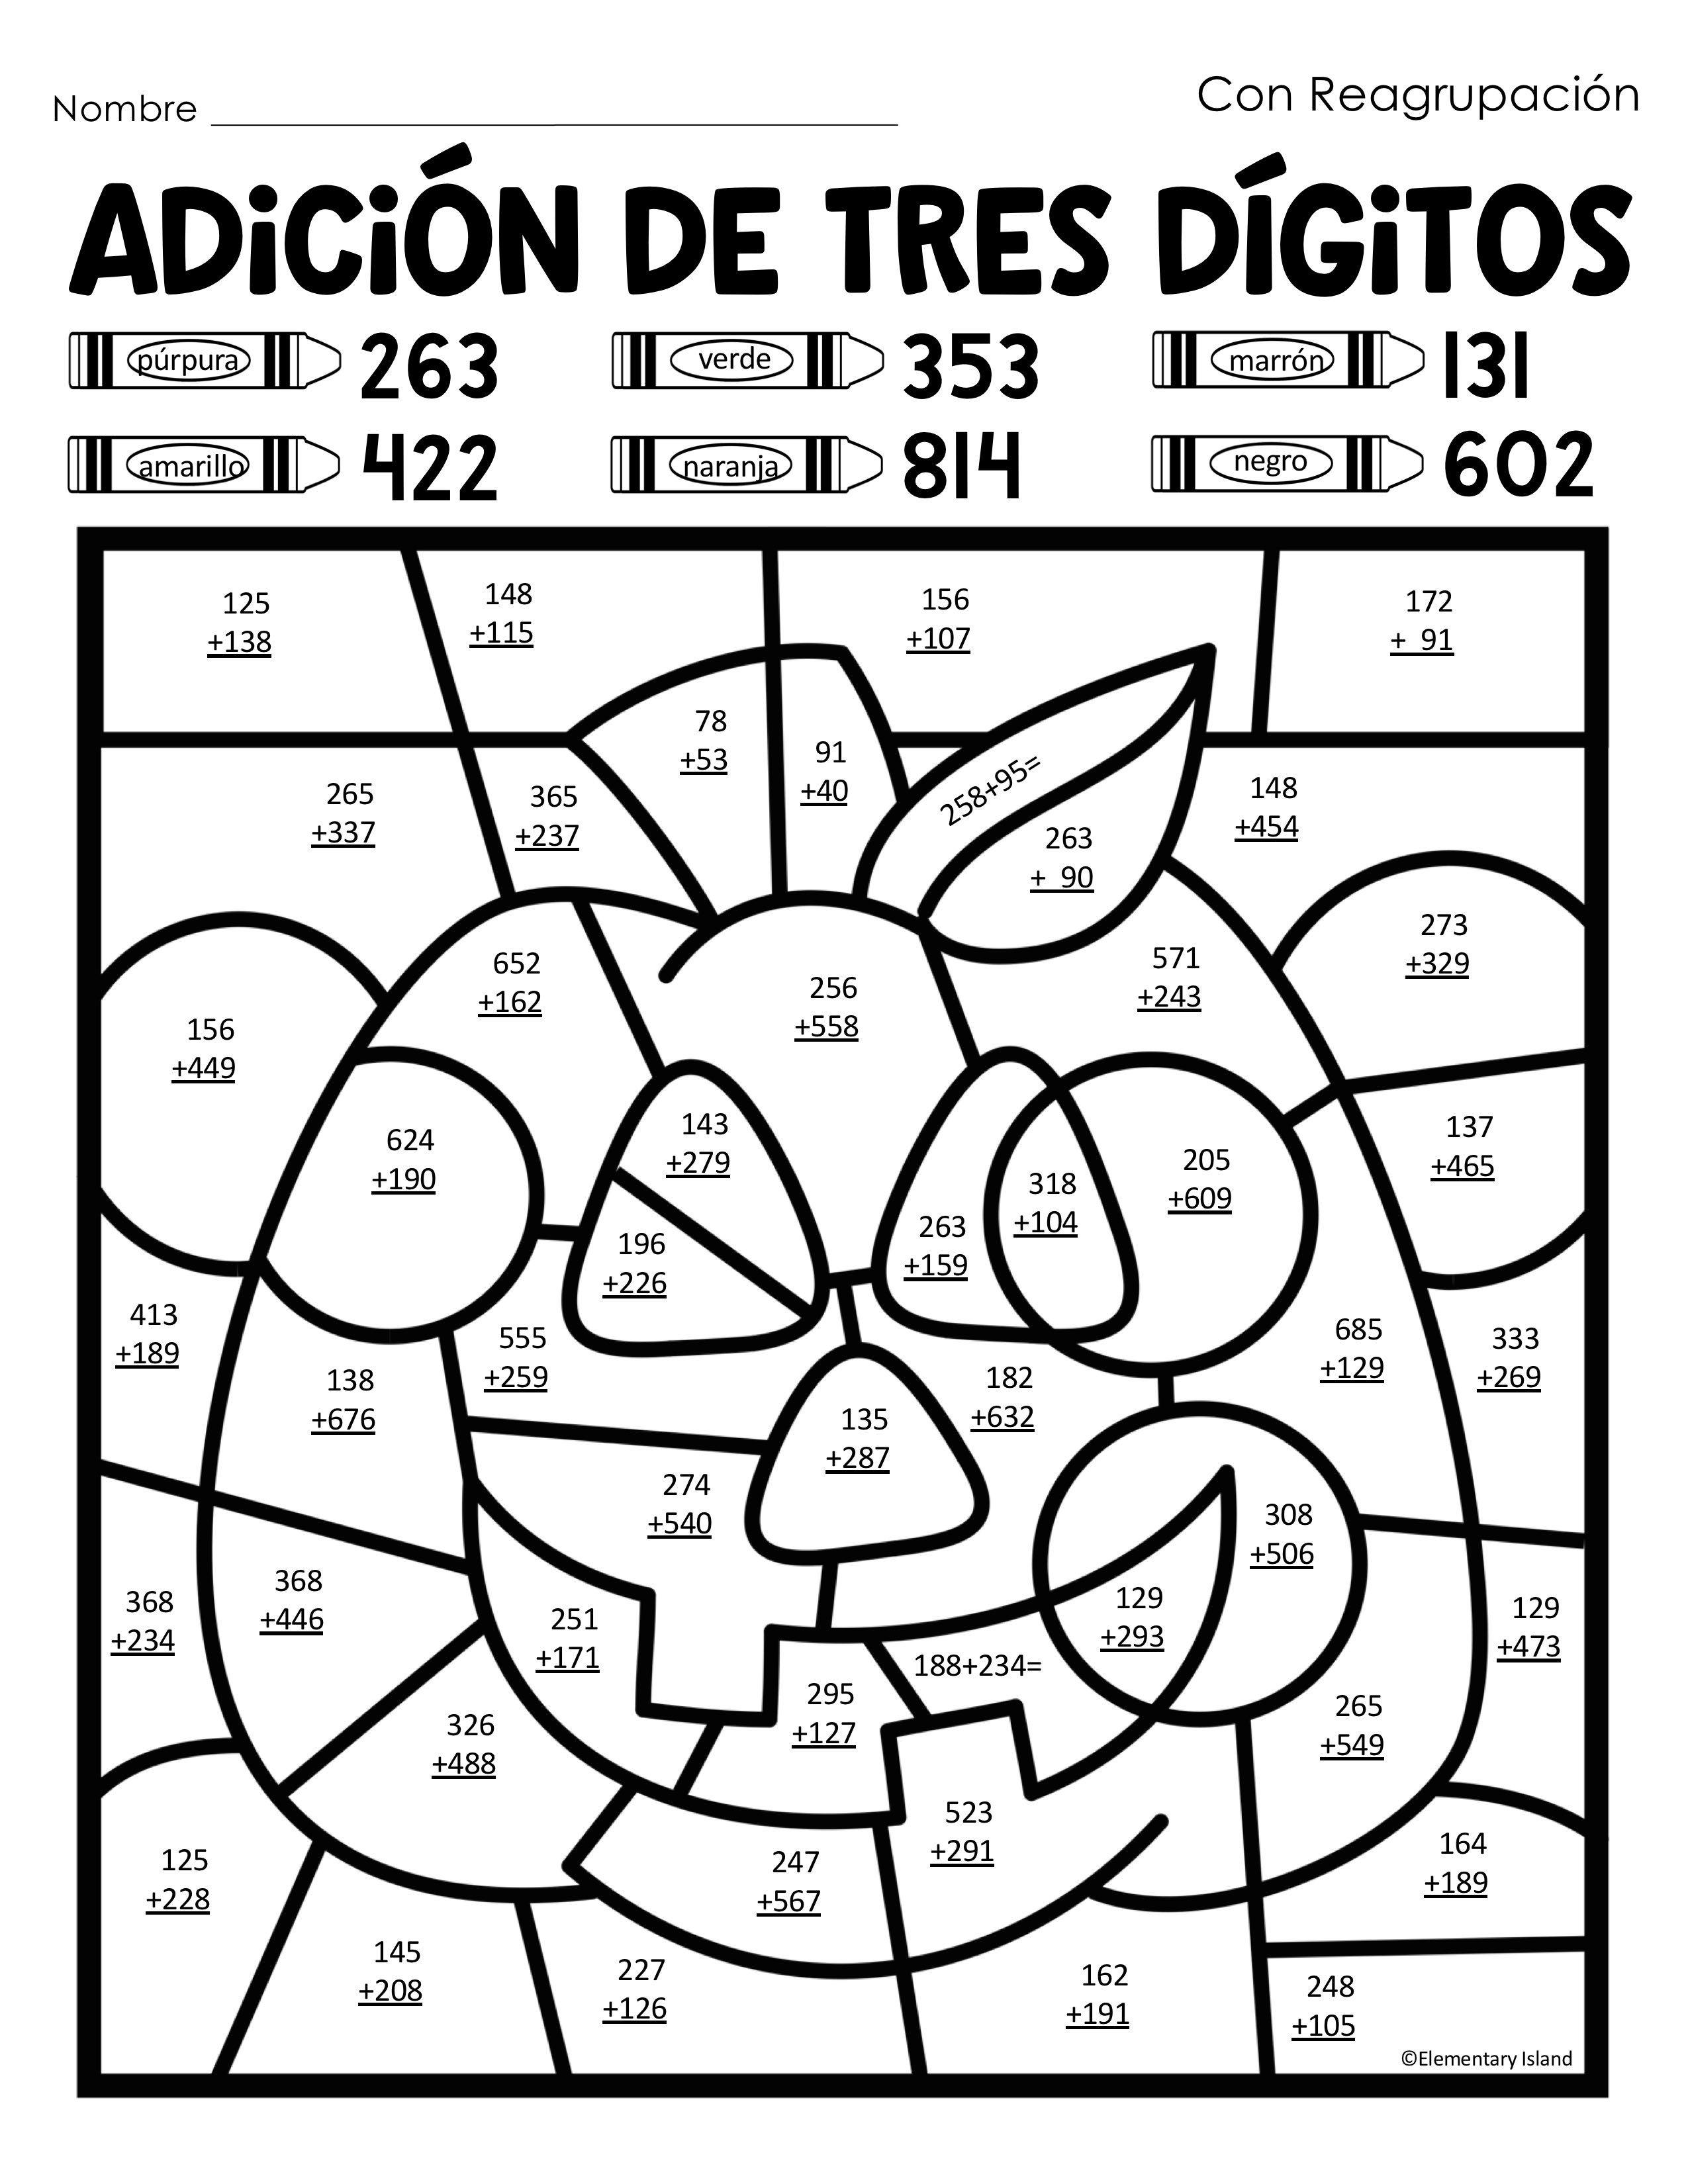 Adicion De Tres Digitos Color Por Codigo In Spanish